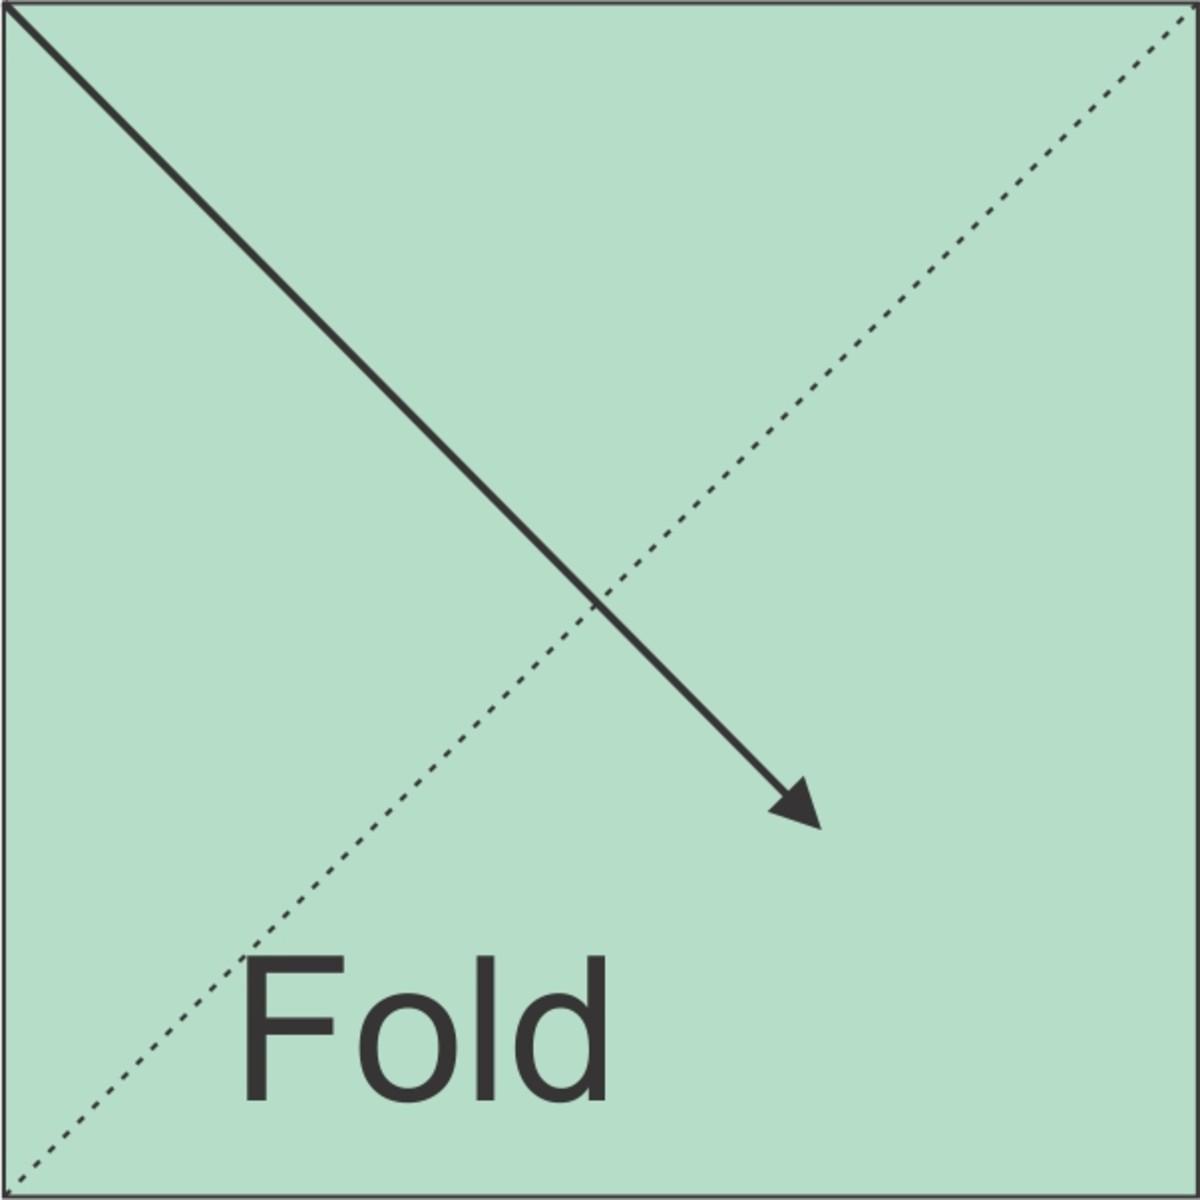 Fold square in half